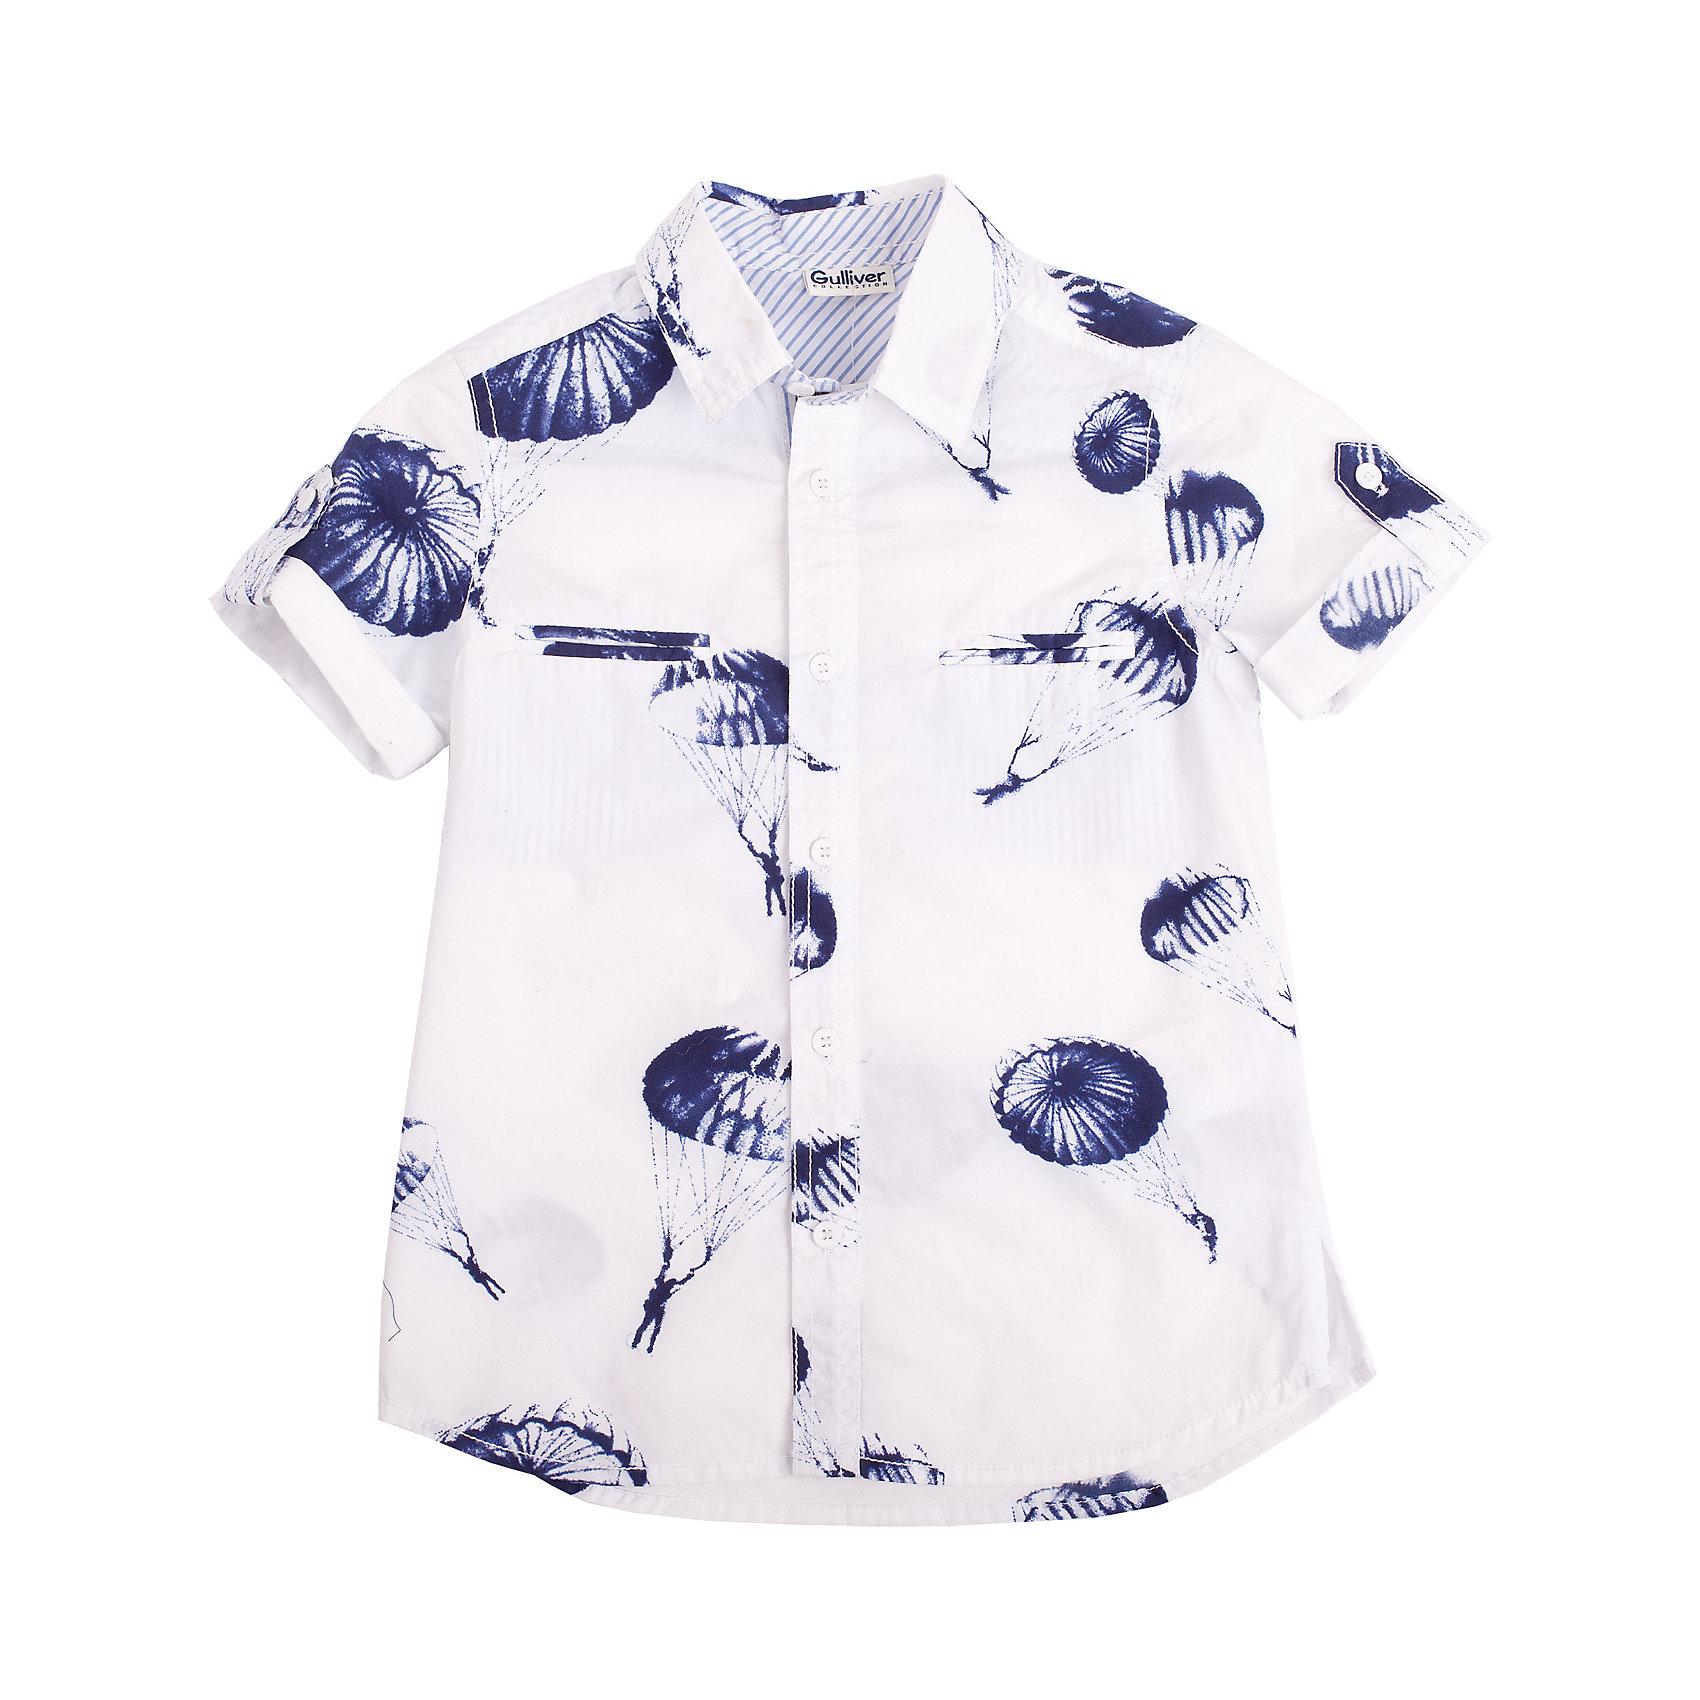 Рубашка для мальчика GulliverРубашка с коротким рукавом и выразительным принтом для мальчика - хит сезона Весна/Лето 2016! И это не случайно. Она делает образ ребенка свежим, интересным, оригинальным! Рубашка с классным графическим рисунком в стиле коллекции Воздухоплаватели выполнена из 100% хлопка. Она имеет модный силуэт и, естественно, носится только навыпуск! Если вы решили купить стильную рубашку для мальчика, присмотритесь к этой модели! Великолепный принт, удобная форма, эффектная отделка, отличное качество, бесспорно, придутся по вкусу ее обладателю!<br>Состав:<br>100% хлопок<br><br>Ширина мм: 174<br>Глубина мм: 10<br>Высота мм: 169<br>Вес г: 157<br>Цвет: разноцветный<br>Возраст от месяцев: 72<br>Возраст до месяцев: 84<br>Пол: Мужской<br>Возраст: Детский<br>Размер: 122,98,116,110,104<br>SKU: 4534776